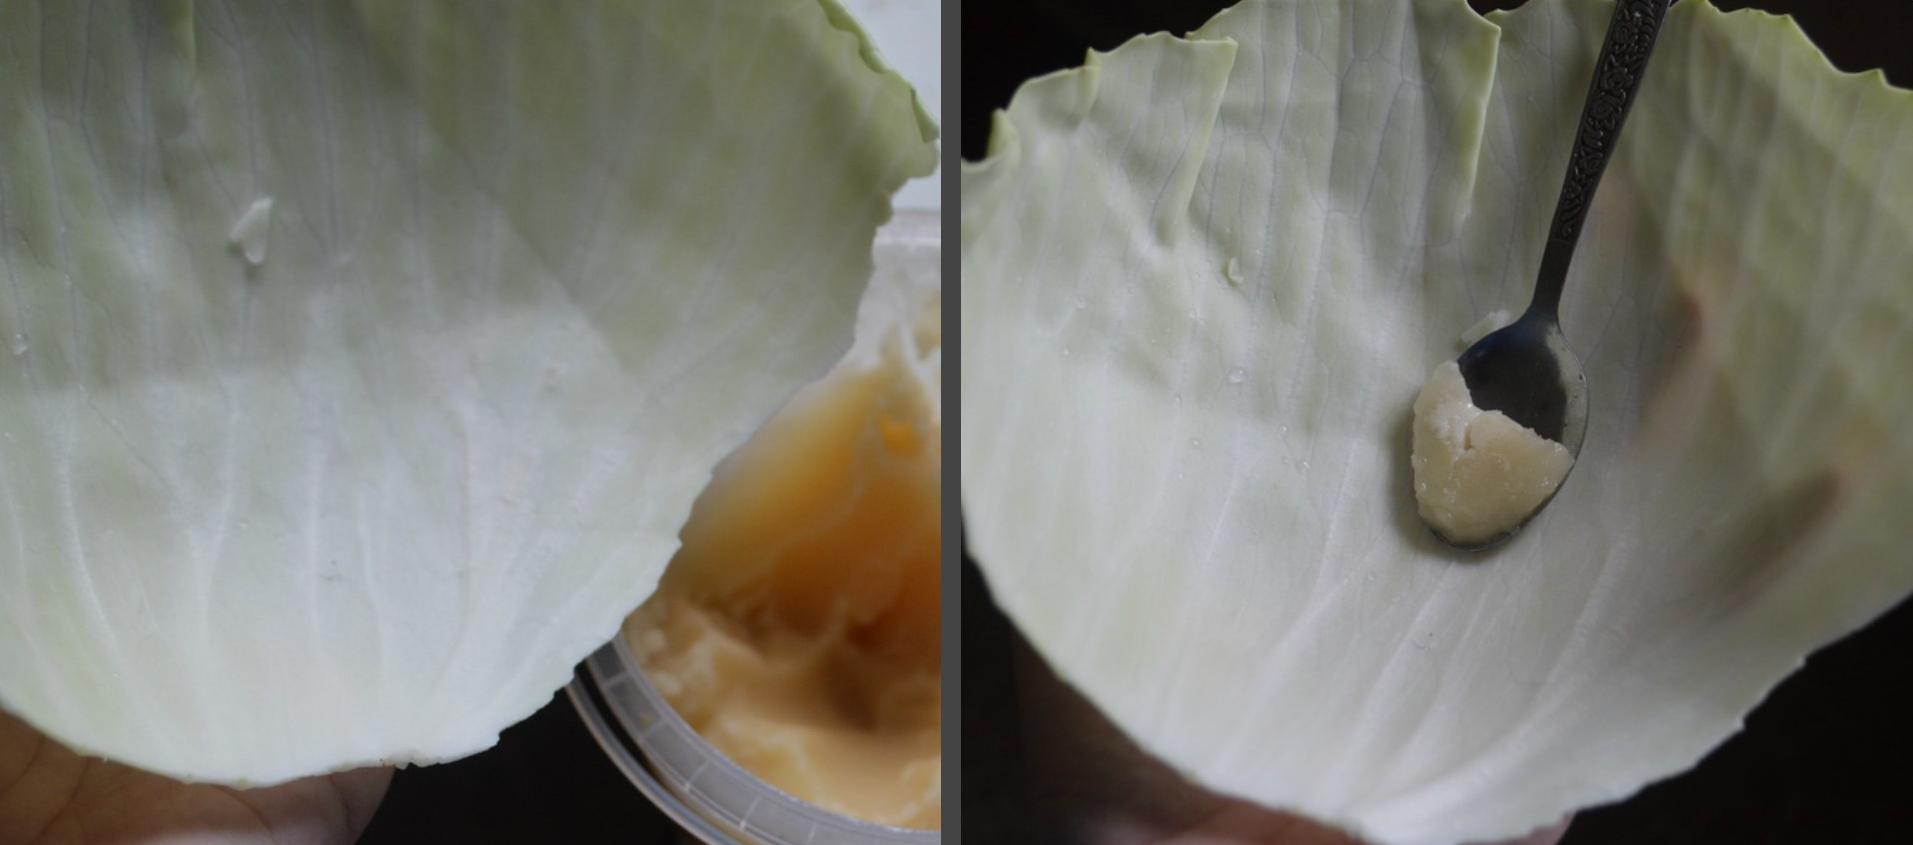 компресс из капусты с медом при мастите